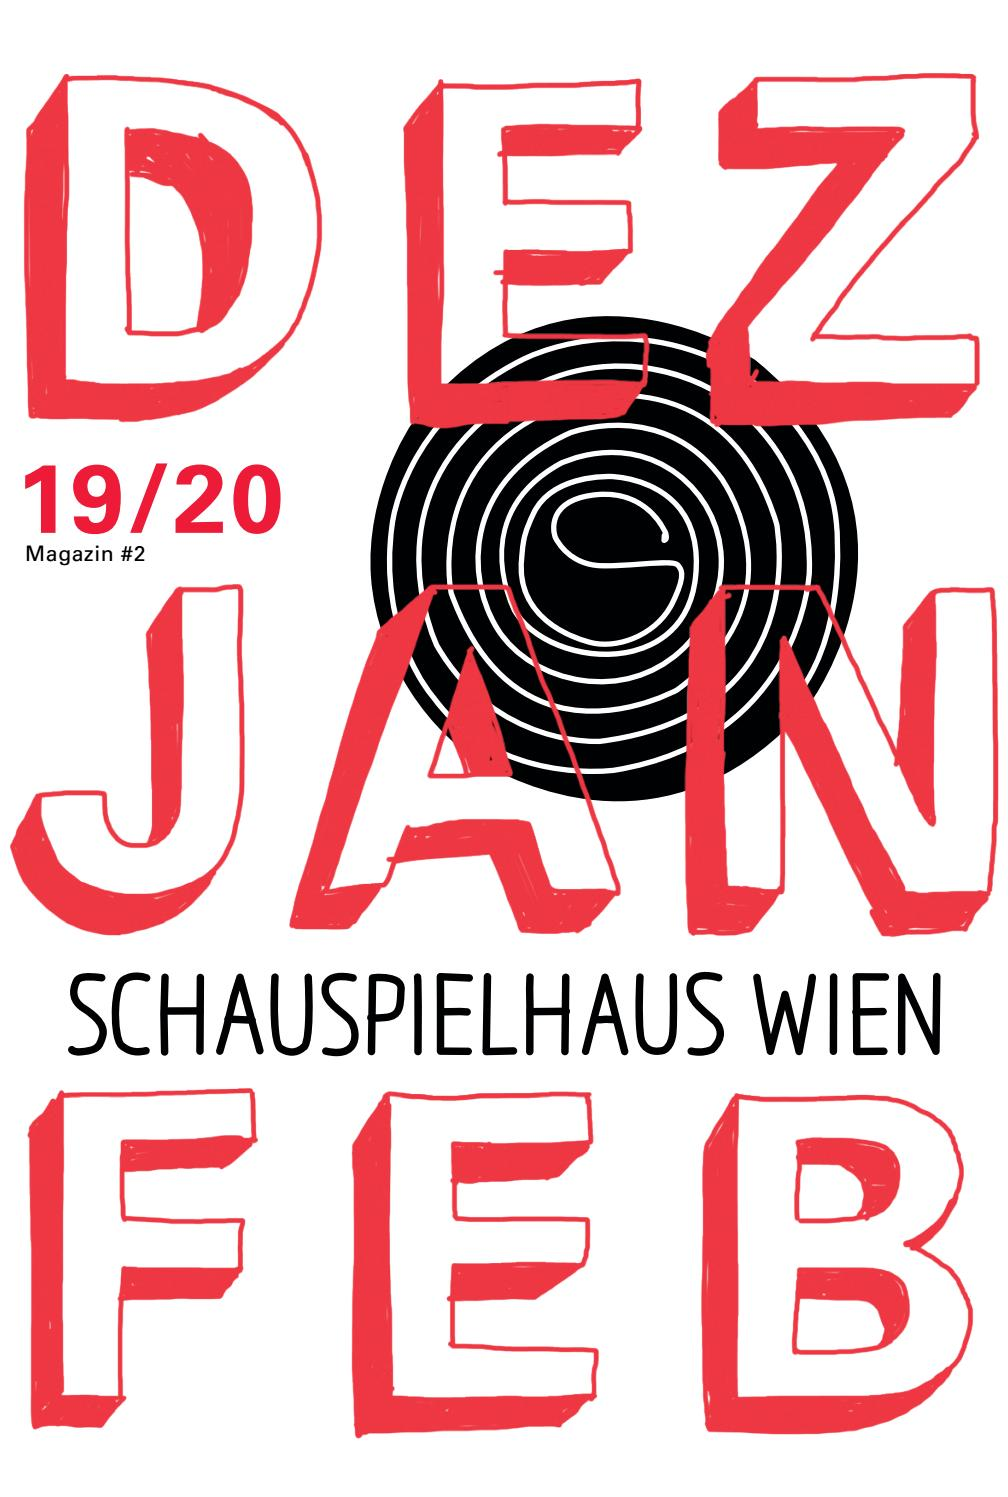 Schauspielhaus Wien Magazin Dezember Januar Februar 2019